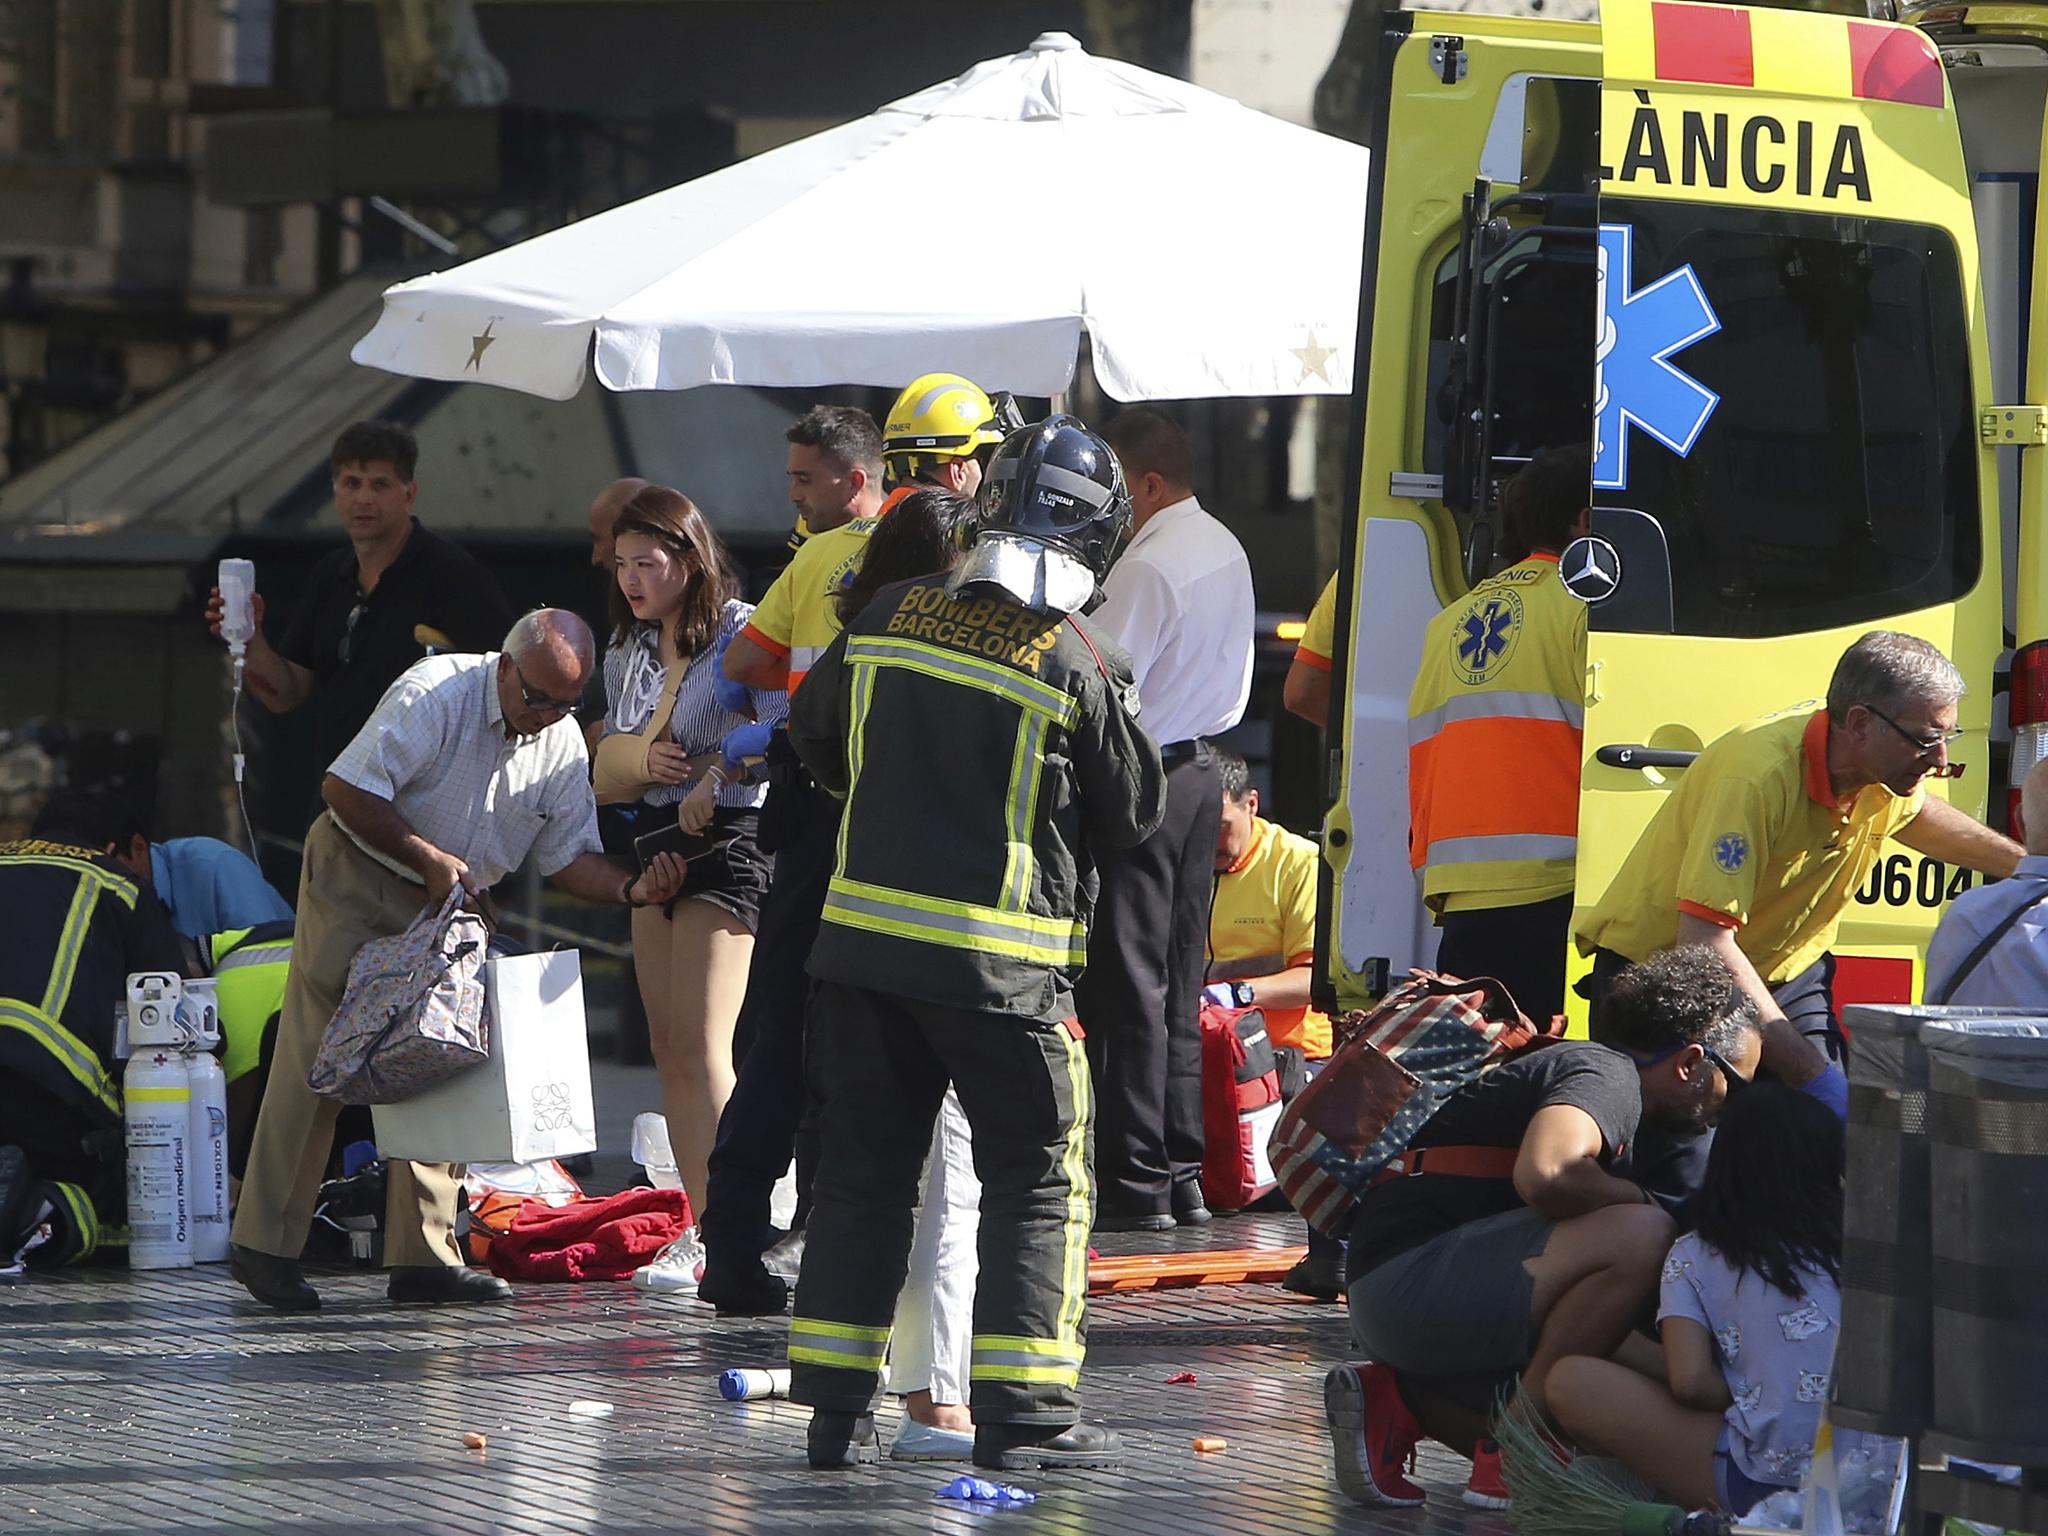 Espanha/Ataques | Pequim condena atentados e oferece ajuda